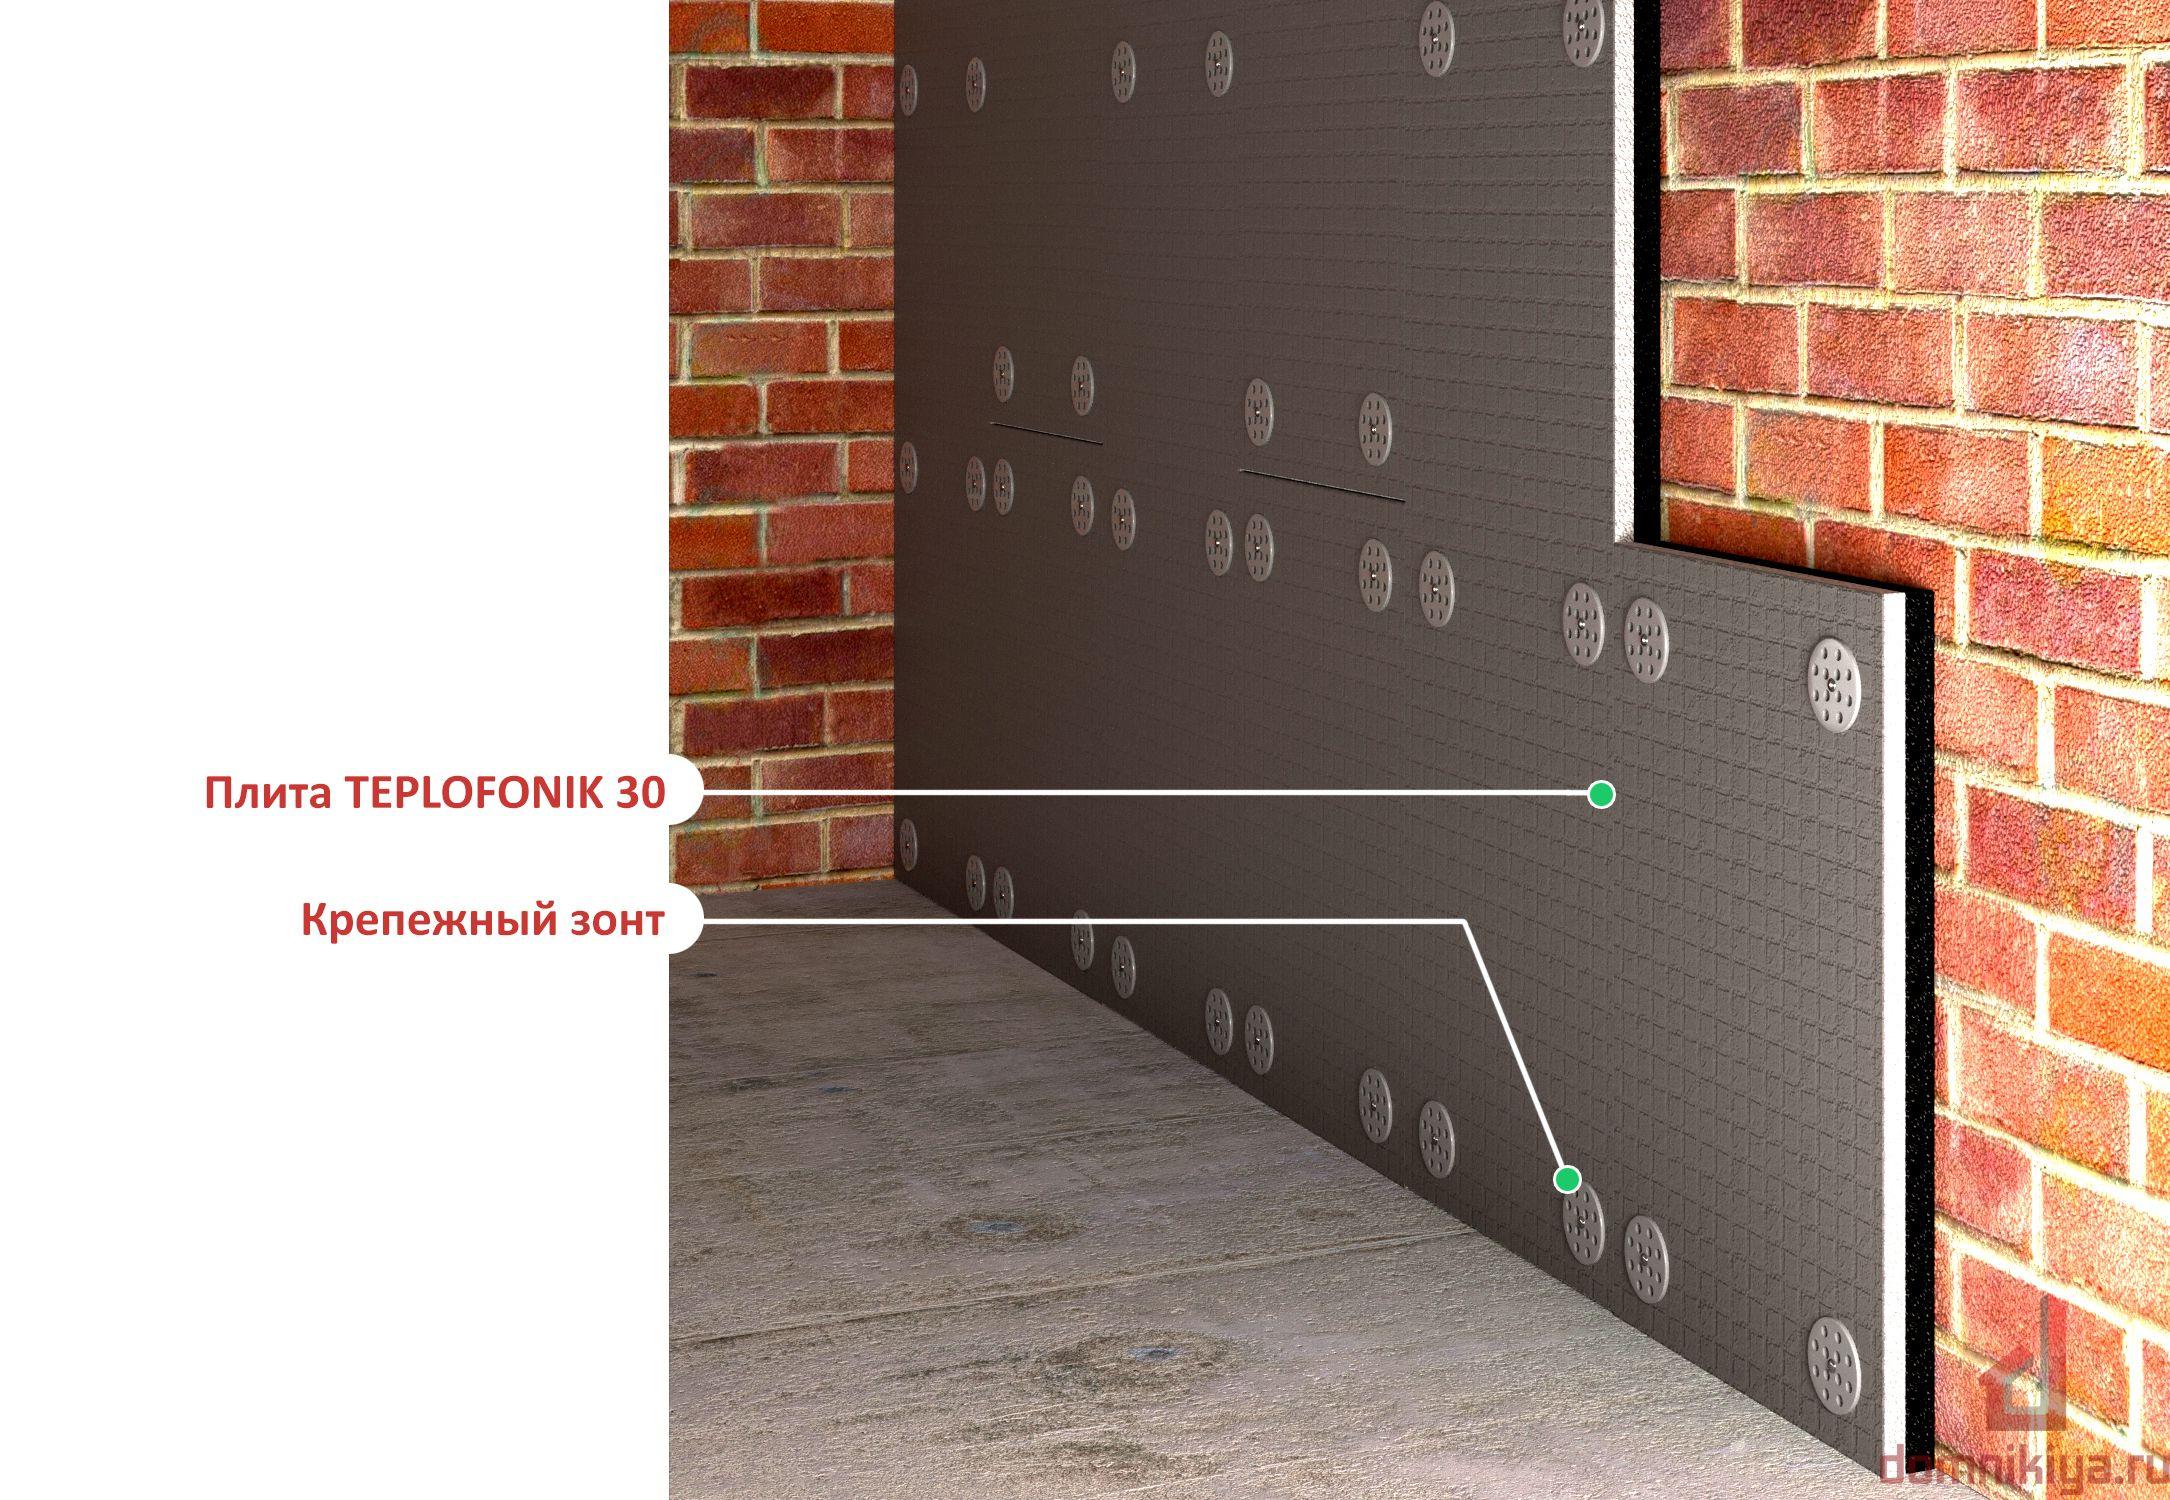 Звукоизоляция стен в квартире от соседей: материалы